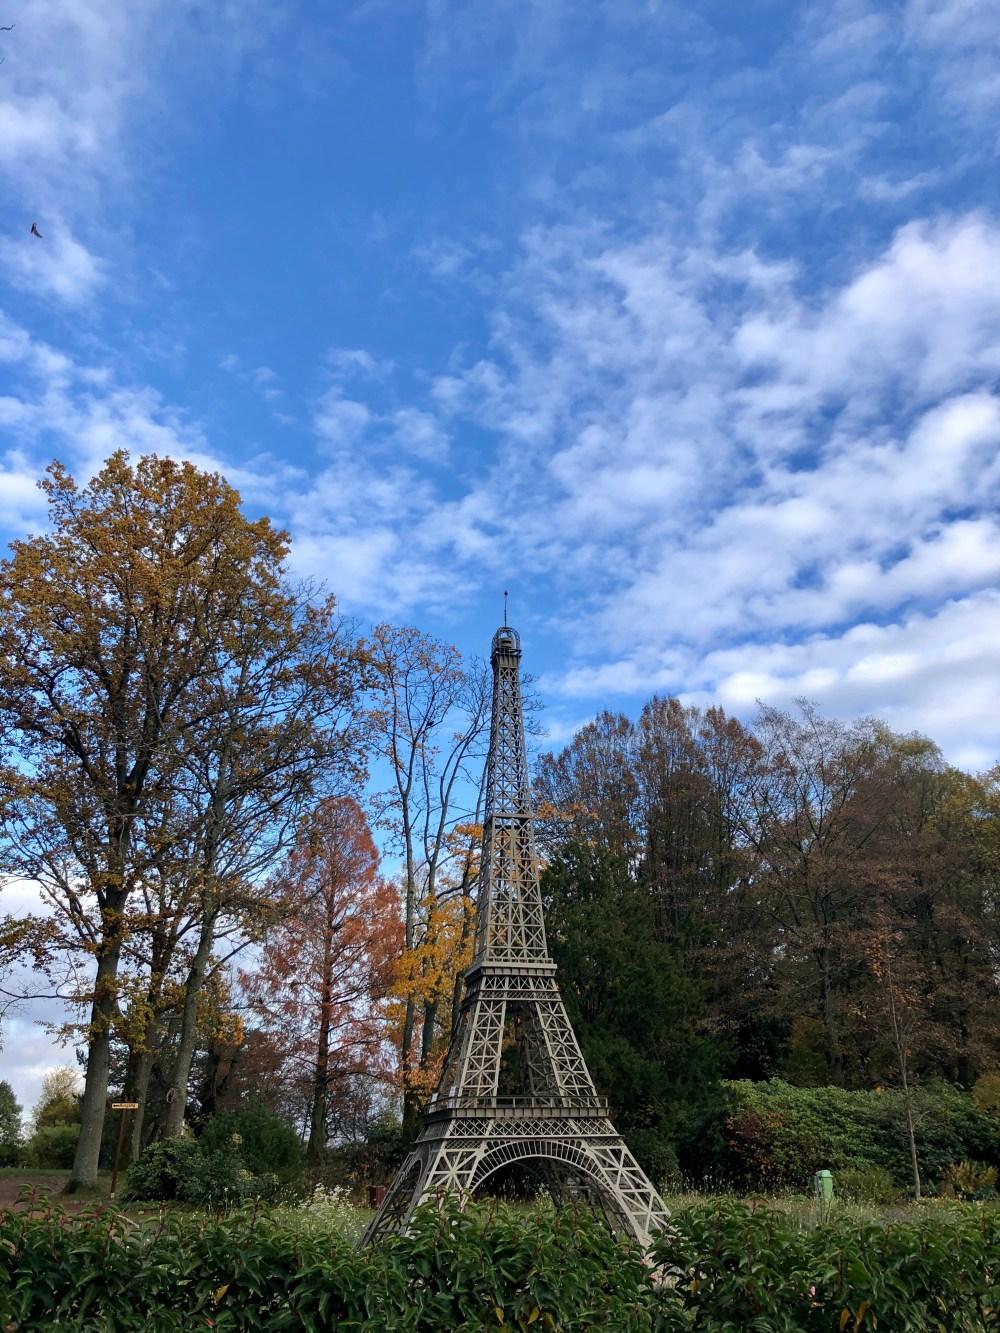 Nachbildung des Eiffelturms